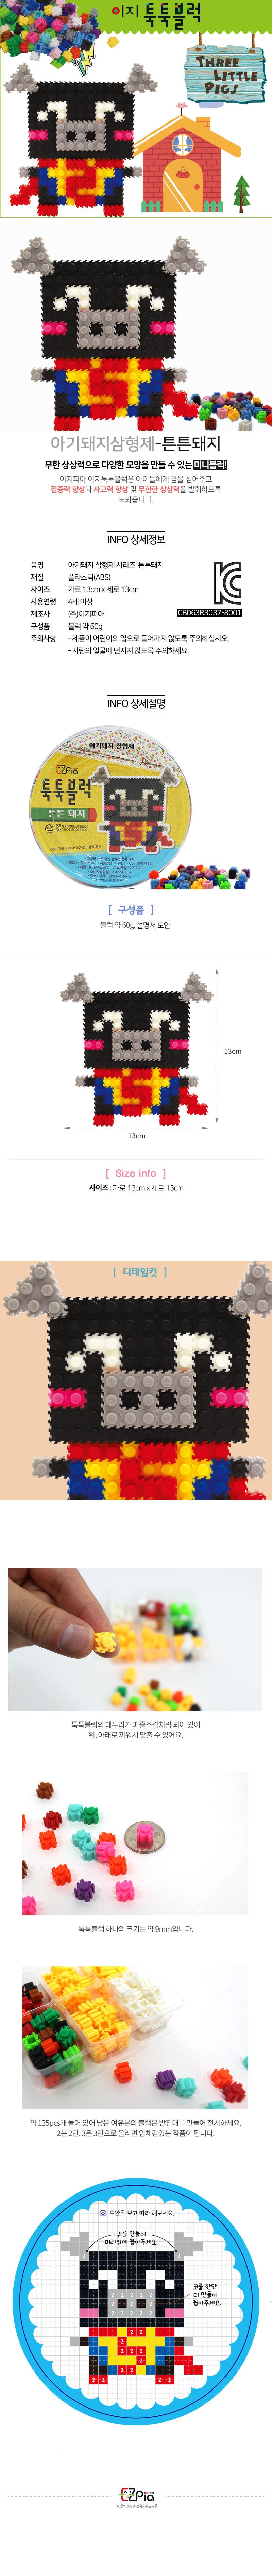 이지 툭툭블럭 아기돼지삼형제-튼튼돼지2,400원-이지피아키덜트/취미, 블록/퍼즐, 레고/블록, 블록완구바보사랑이지 툭툭블럭 아기돼지삼형제-튼튼돼지2,400원-이지피아키덜트/취미, 블록/퍼즐, 레고/블록, 블록완구바보사랑